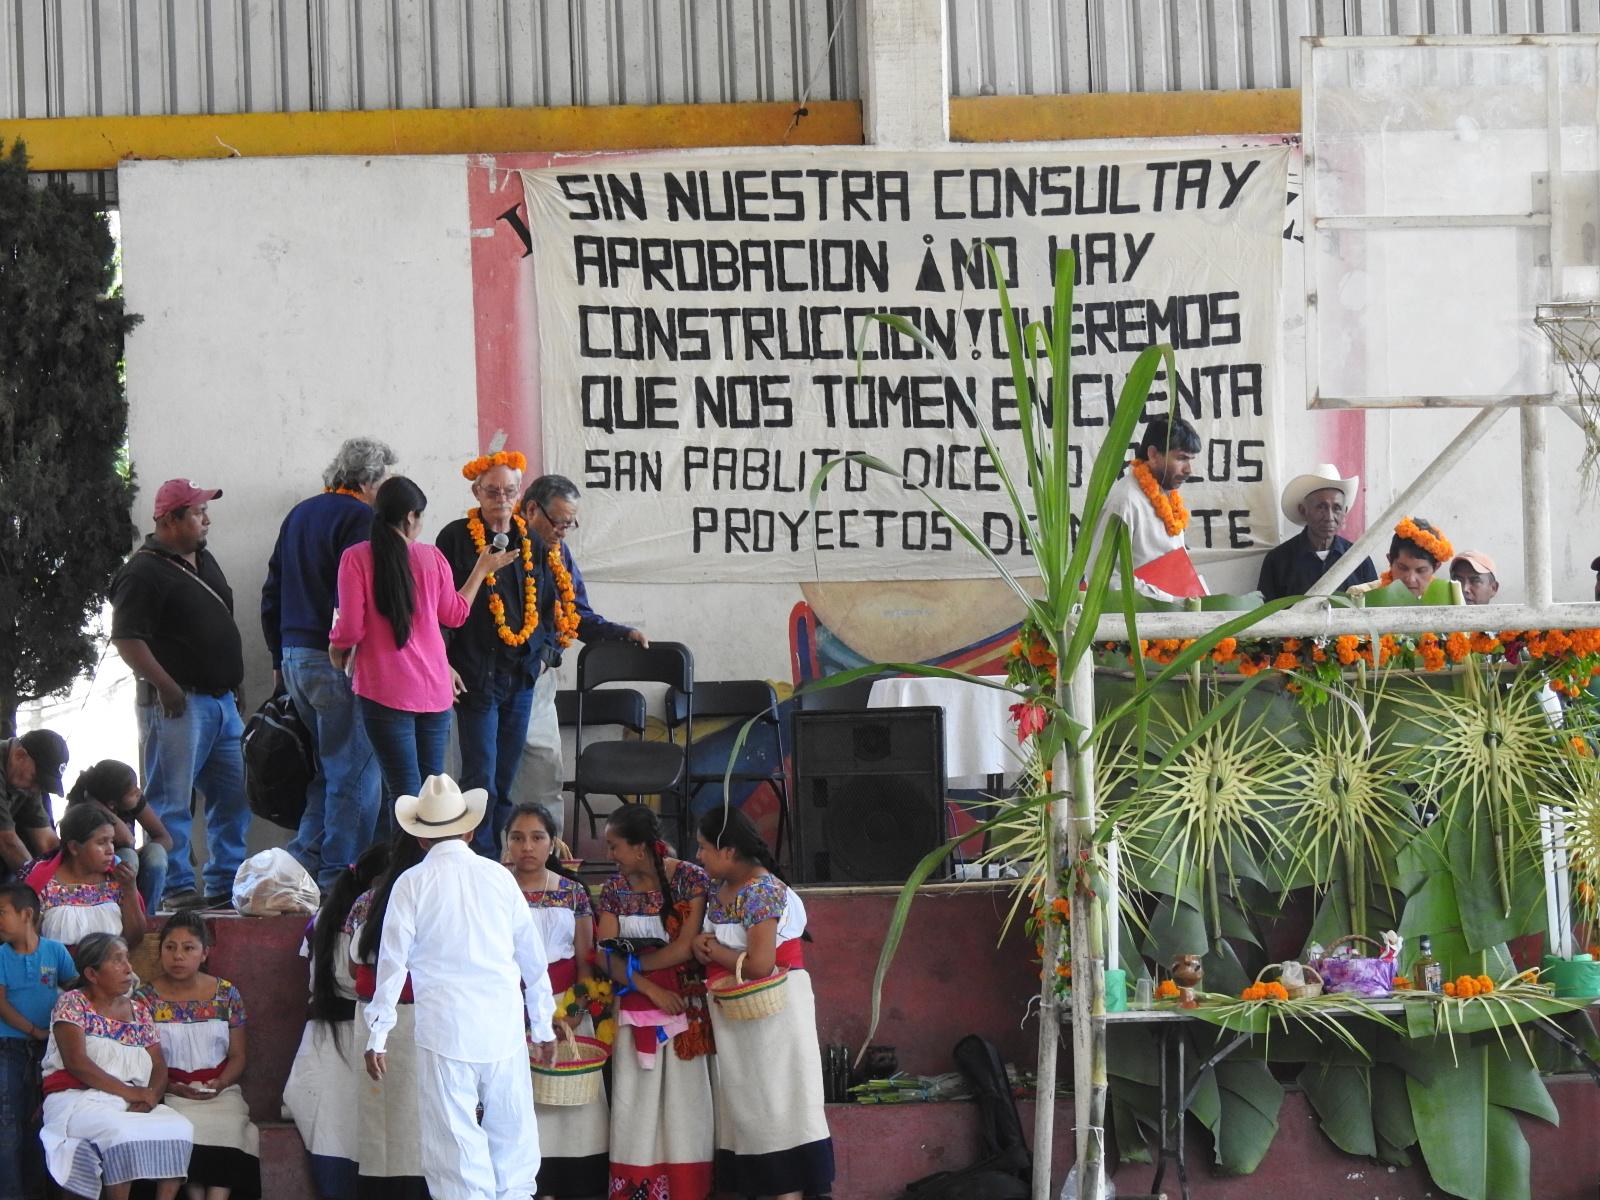 Se libra Sierra Norte de TransCanada, suspende gasoducto (Puebla)